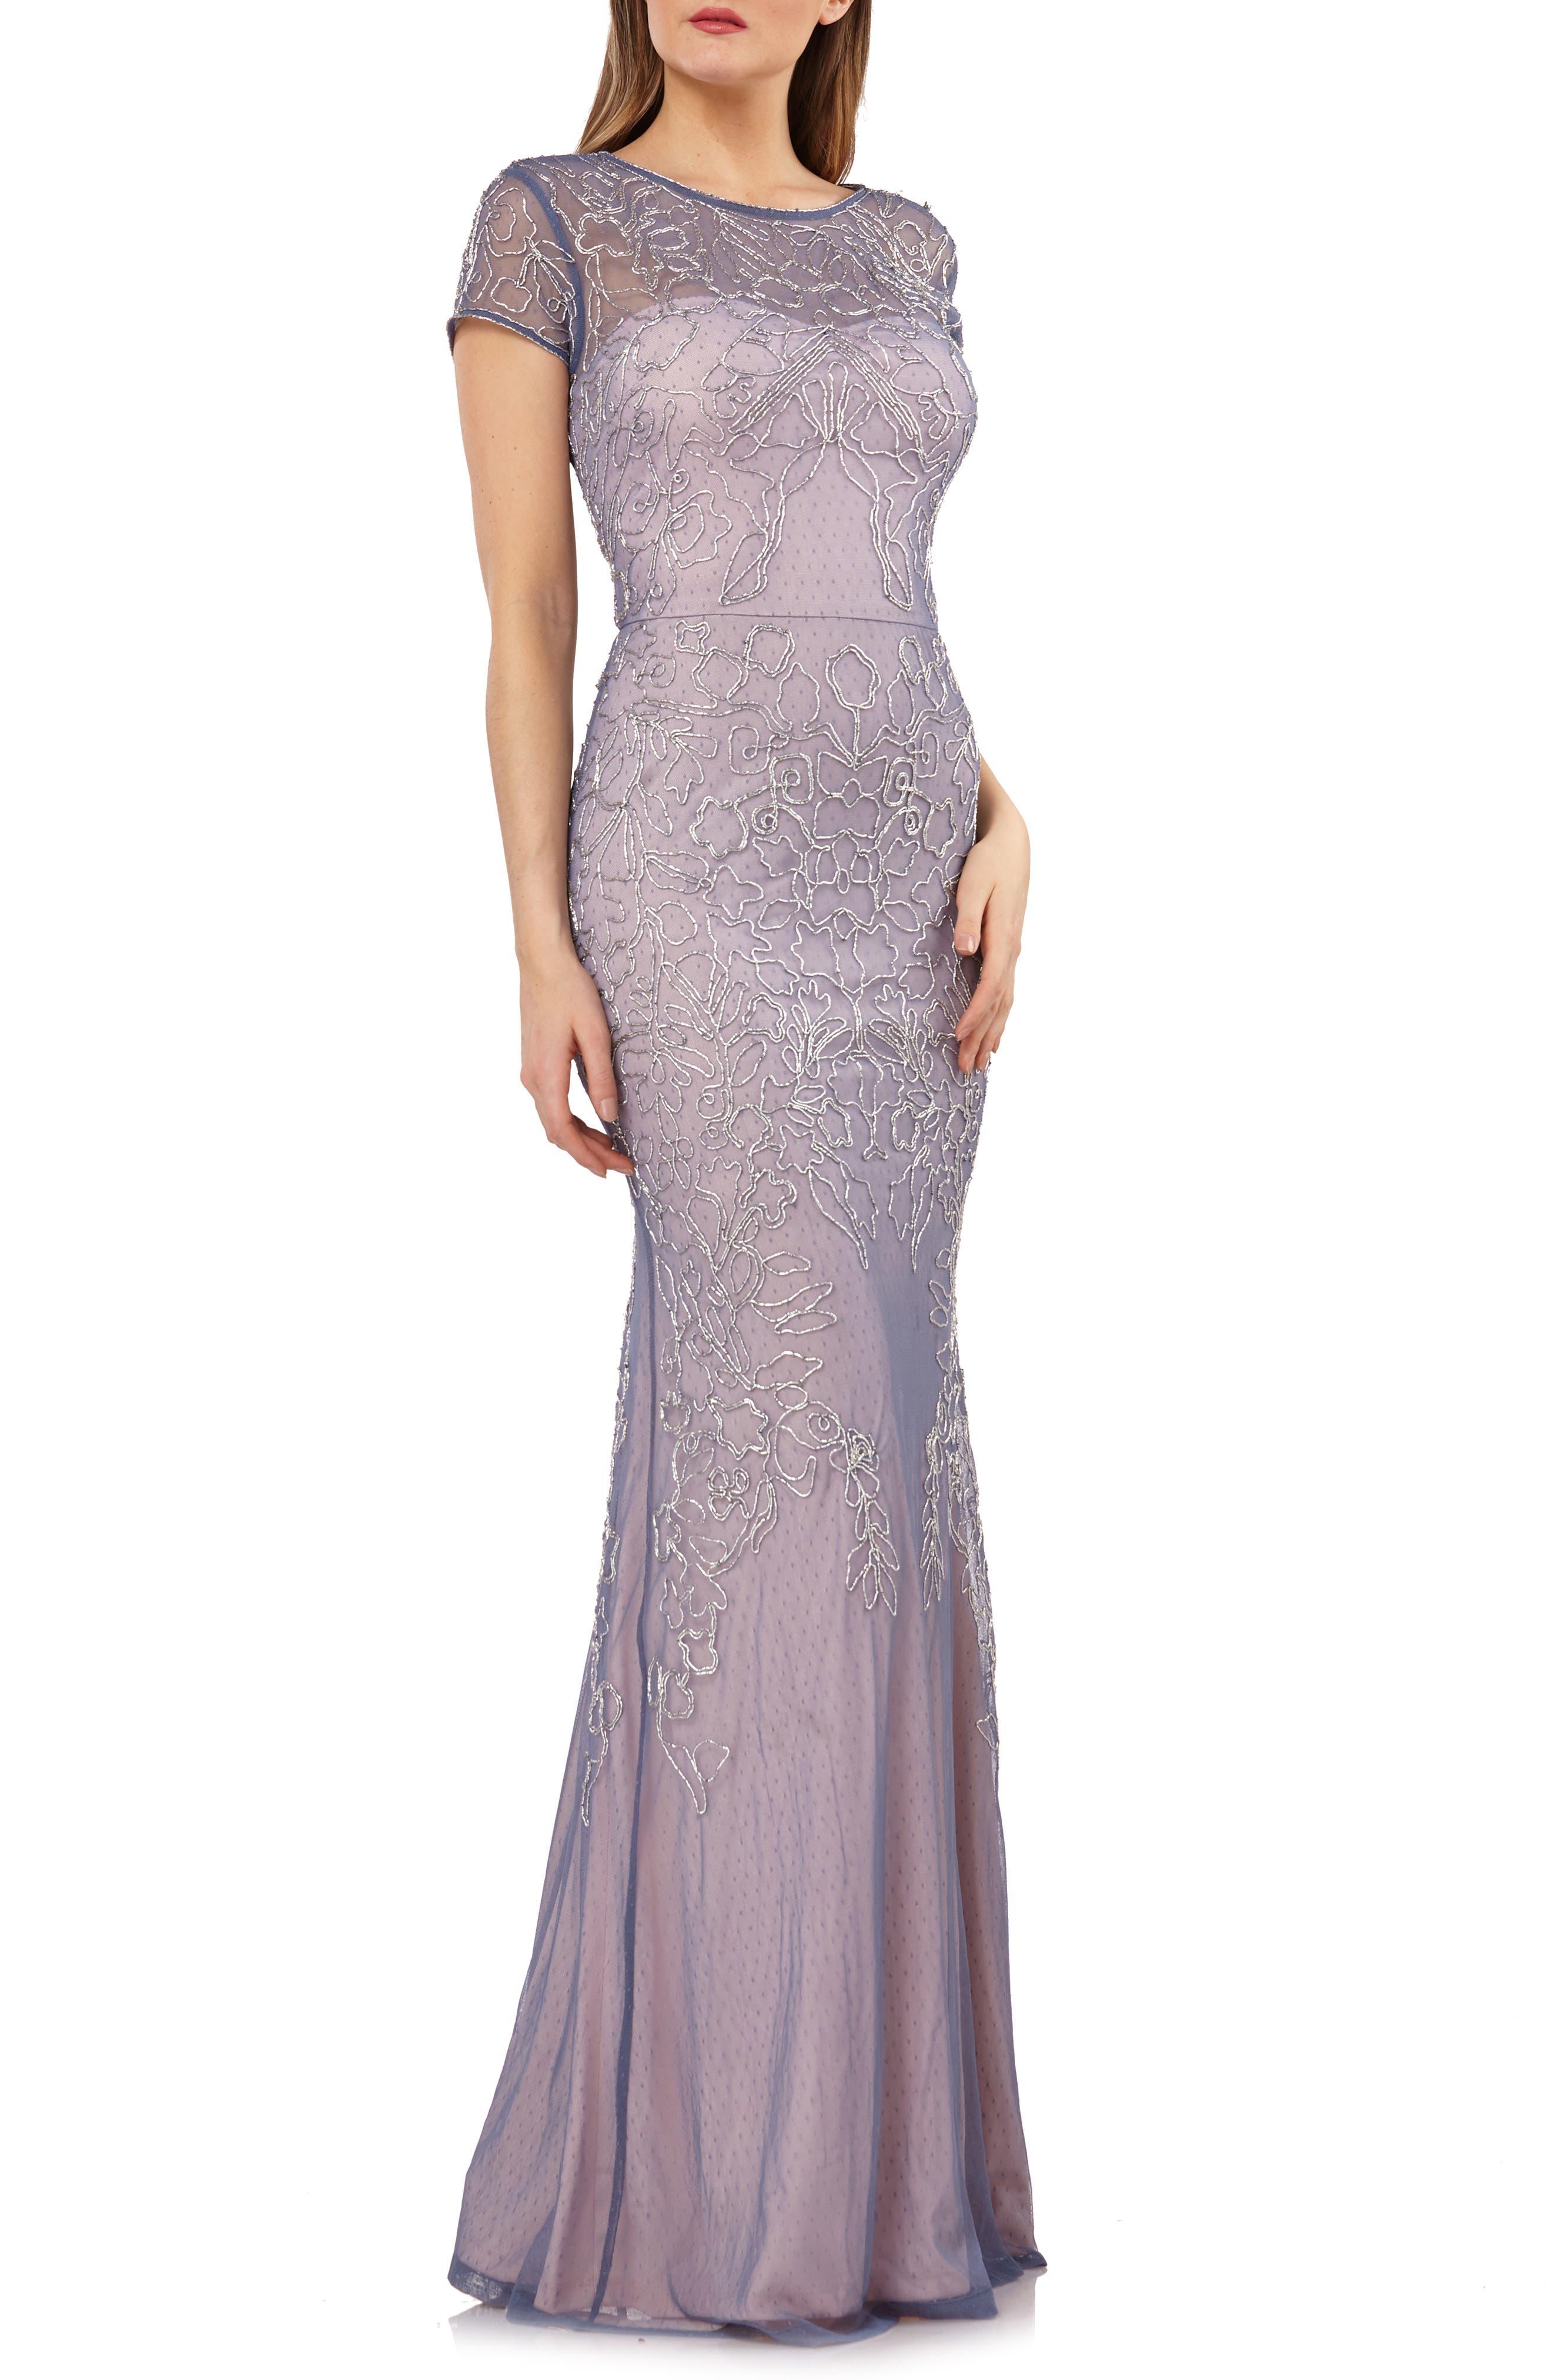 Soutache Mesh Evening Dress,                             Main thumbnail 1, color,                             BLUE SILVER